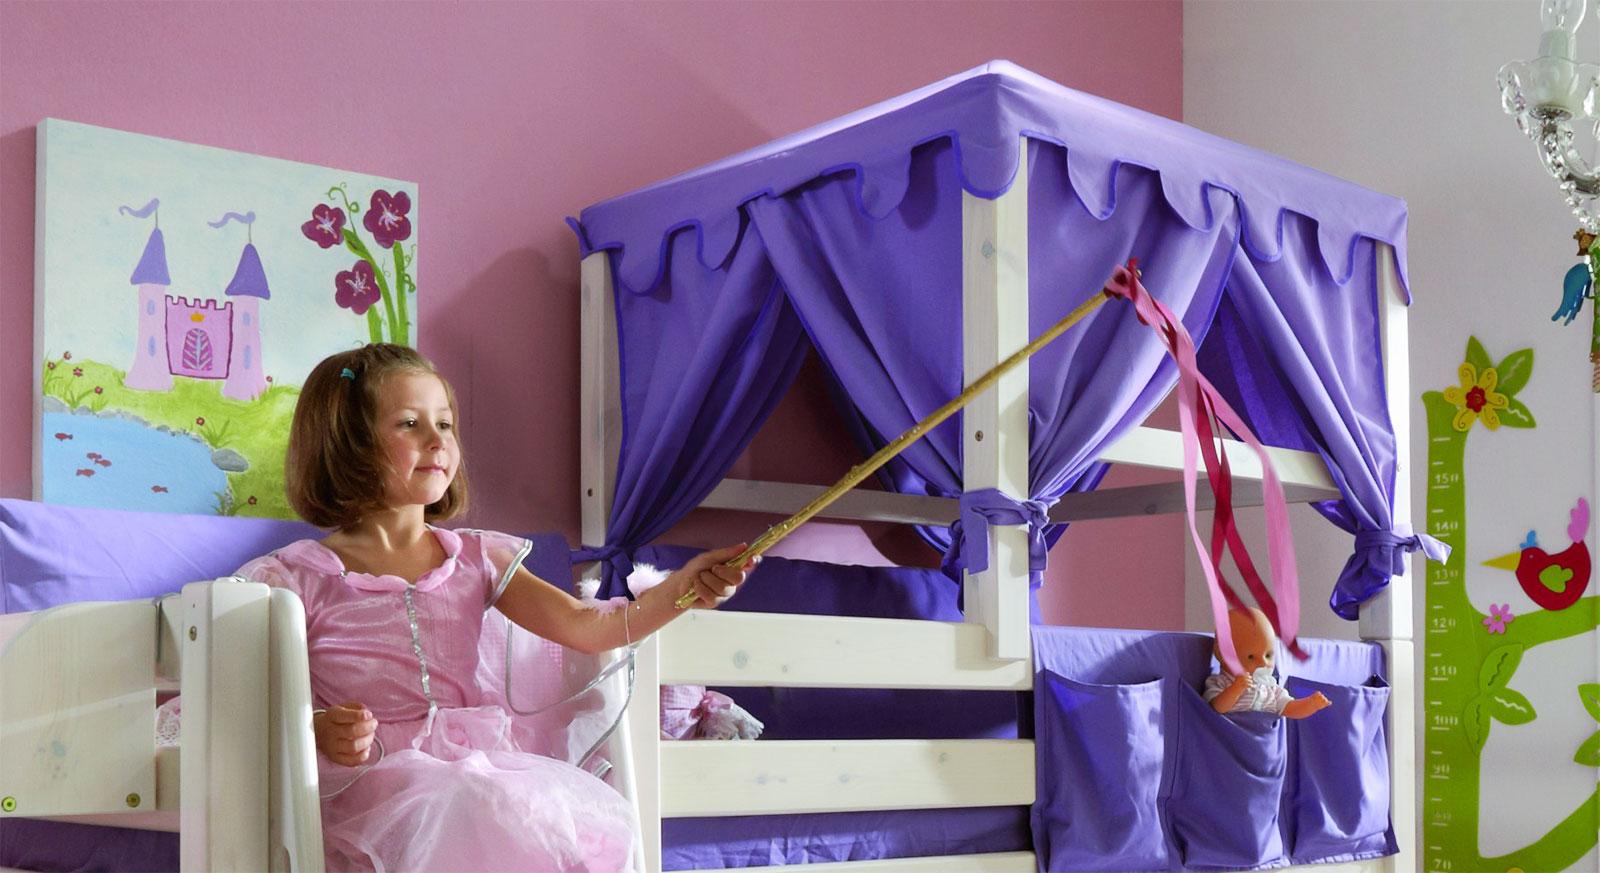 Prinzessinnen-Bettaufsatz Kids Paradise aus Kiefer in weiß lasiert